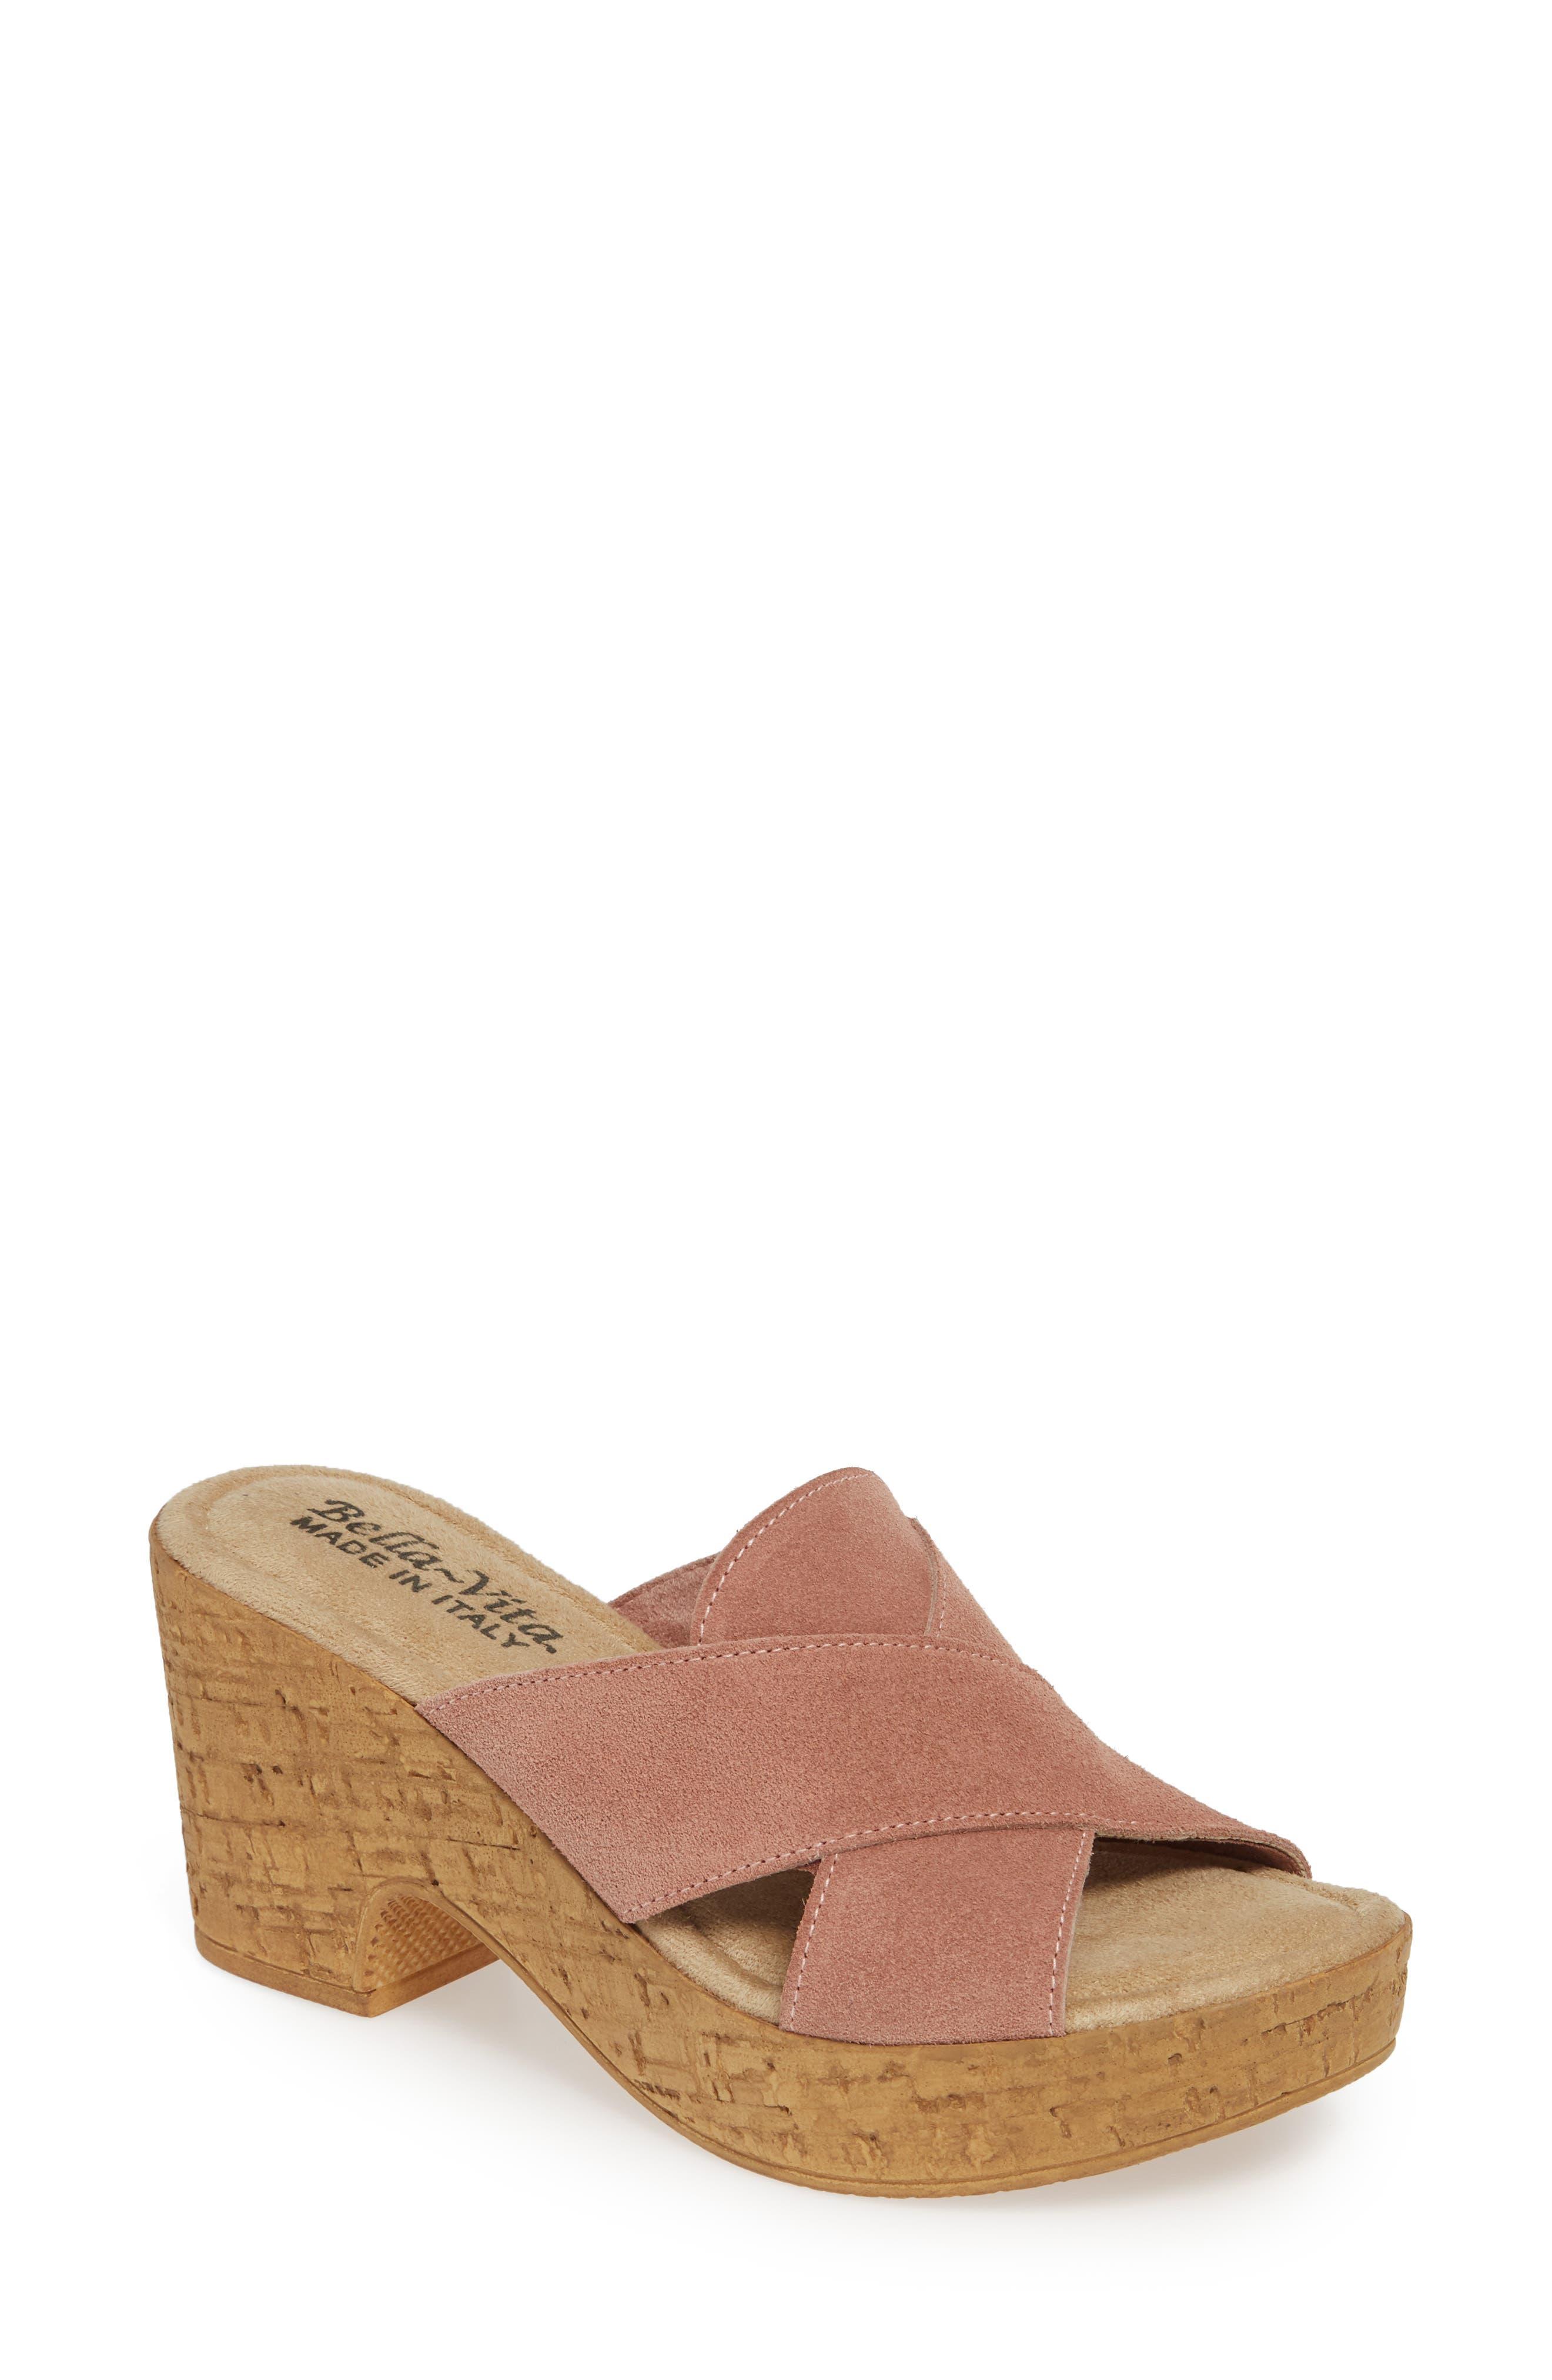 Bella Vita Platform Sandal, Pink